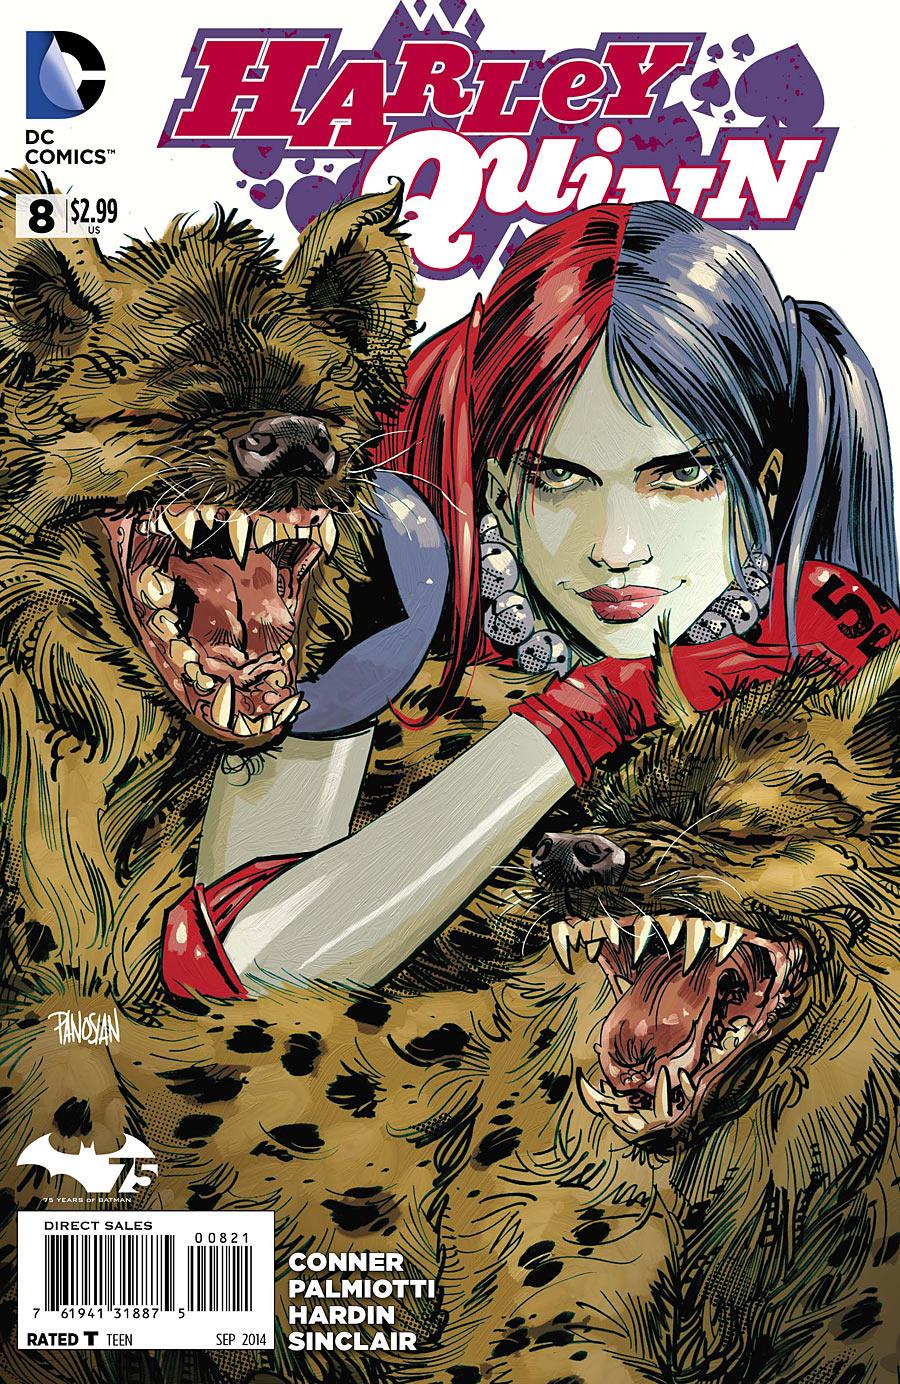 Harley Quinn Vol 2 8 Variant.jpg